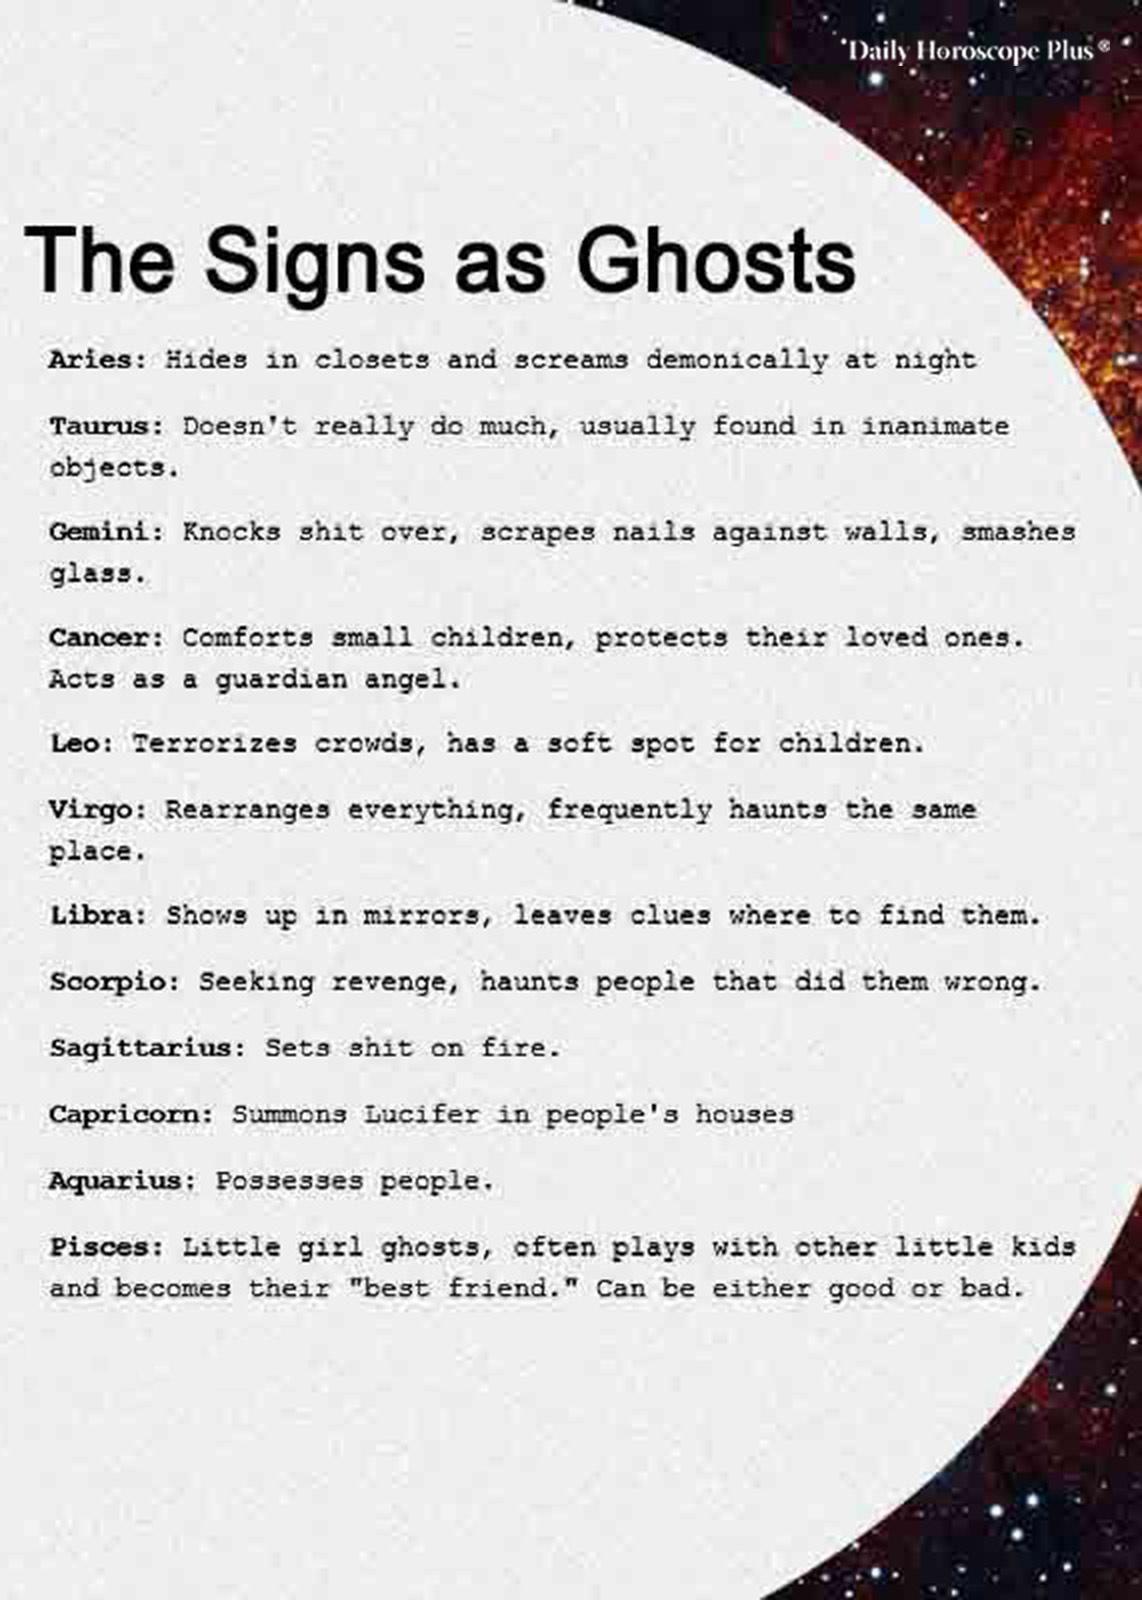 Horoscope Memes Quotes Zodiac Signs Aquarius Zodiac Sign Traits Zodiac Star Signs